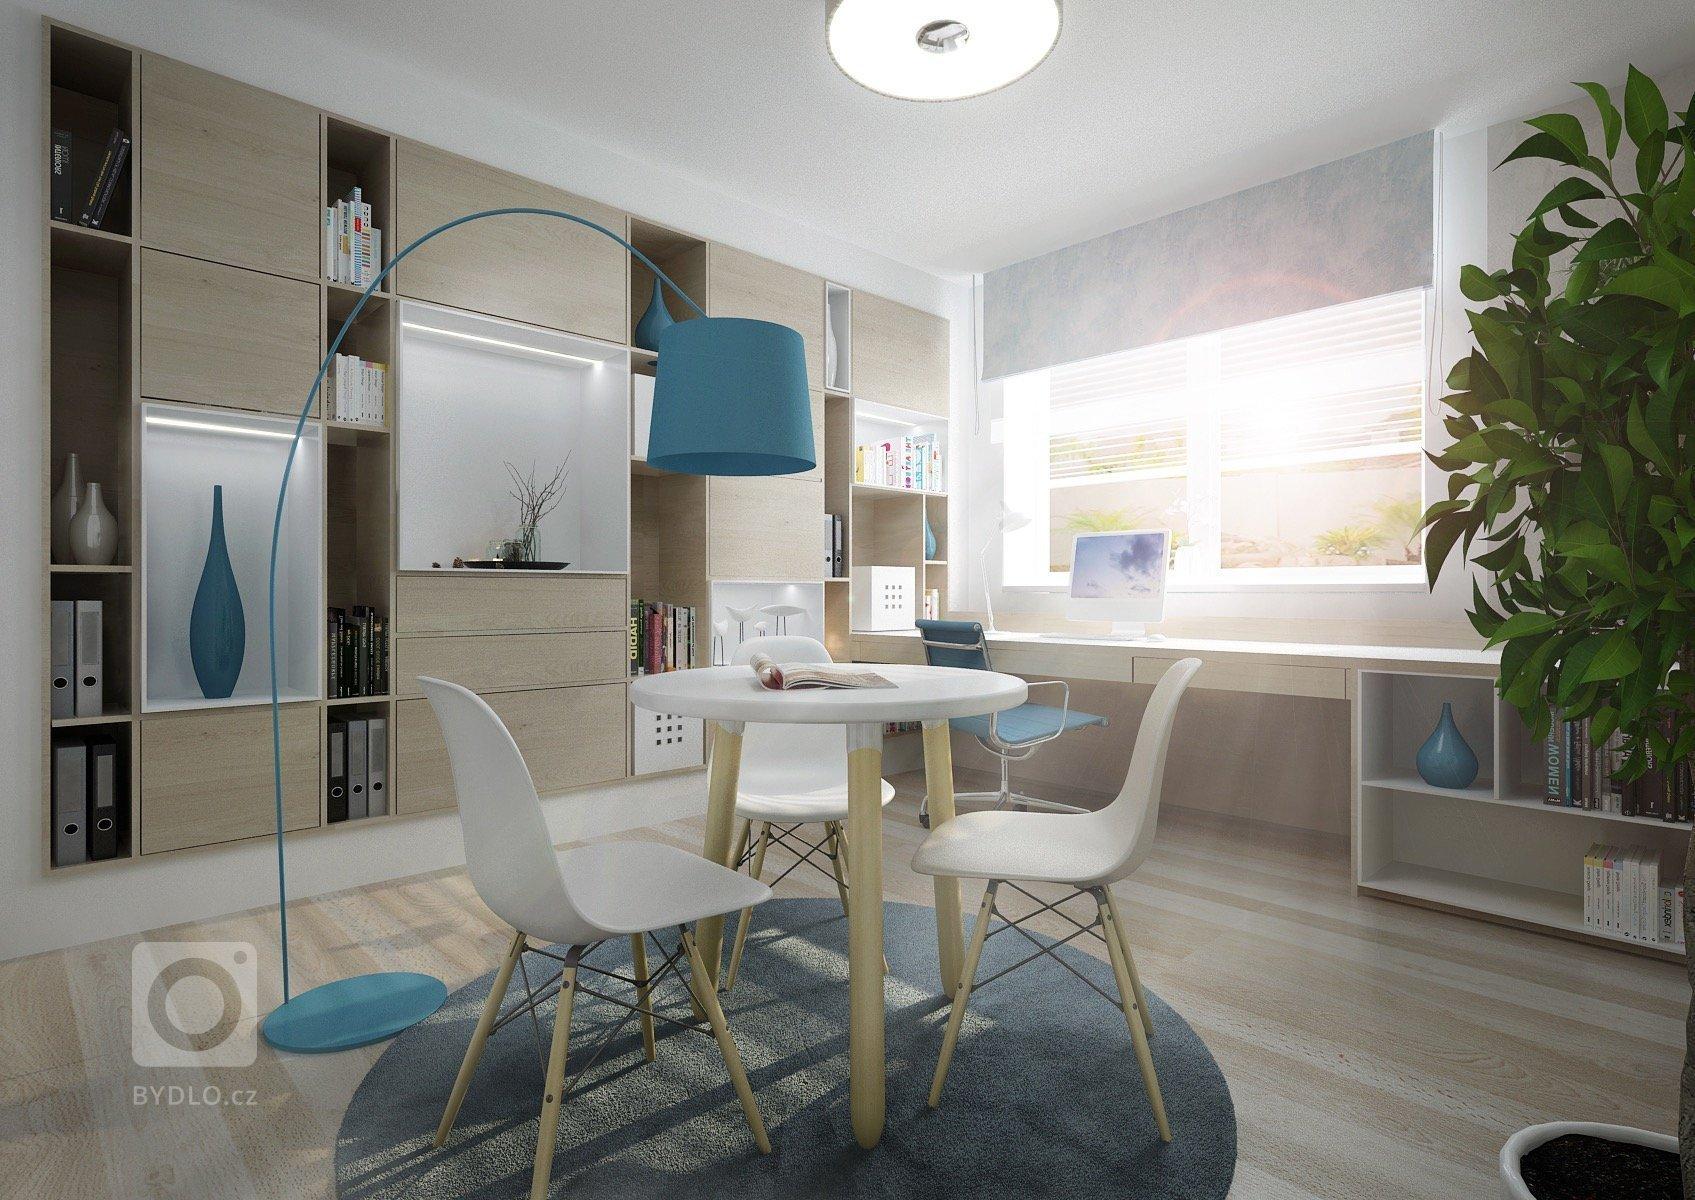 Rozsáhlejší projekt na návrh designu rodinného domu spodkrovím, ve kterém se ukrývá malé, ale o to útulnější welness. Celý dům je navržený v&nbsp…